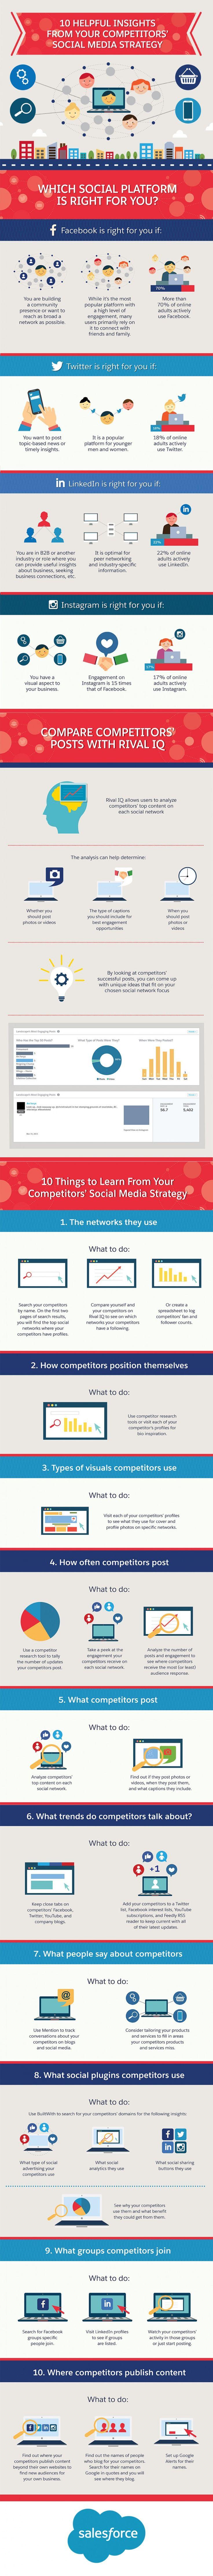 Médias sociaux : 10 choses à observer chez ses concurrents pour bâtir efficacement sa propre stratégie digitale